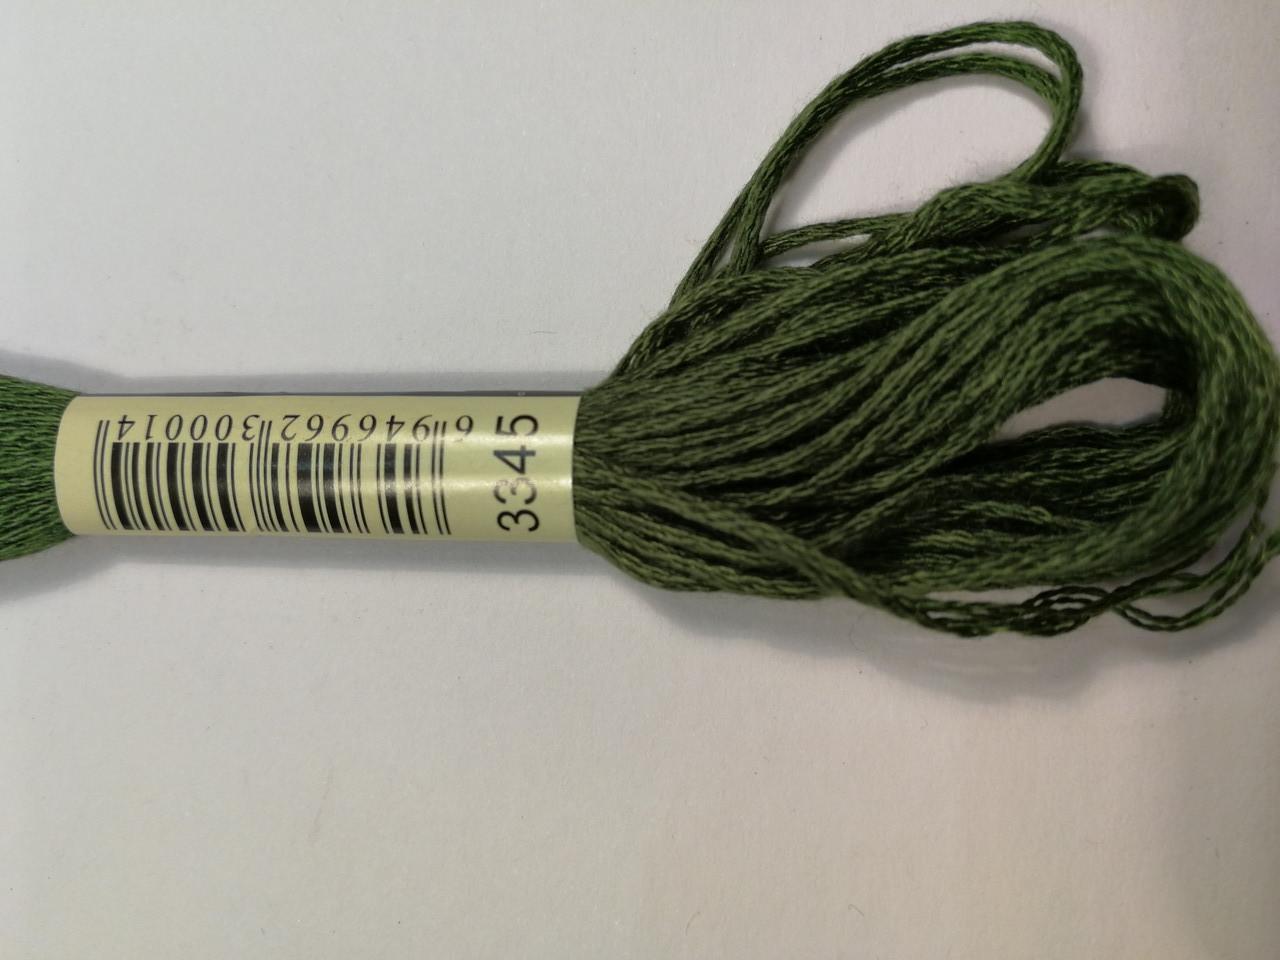 Мулине СХС 3345 защитный темный